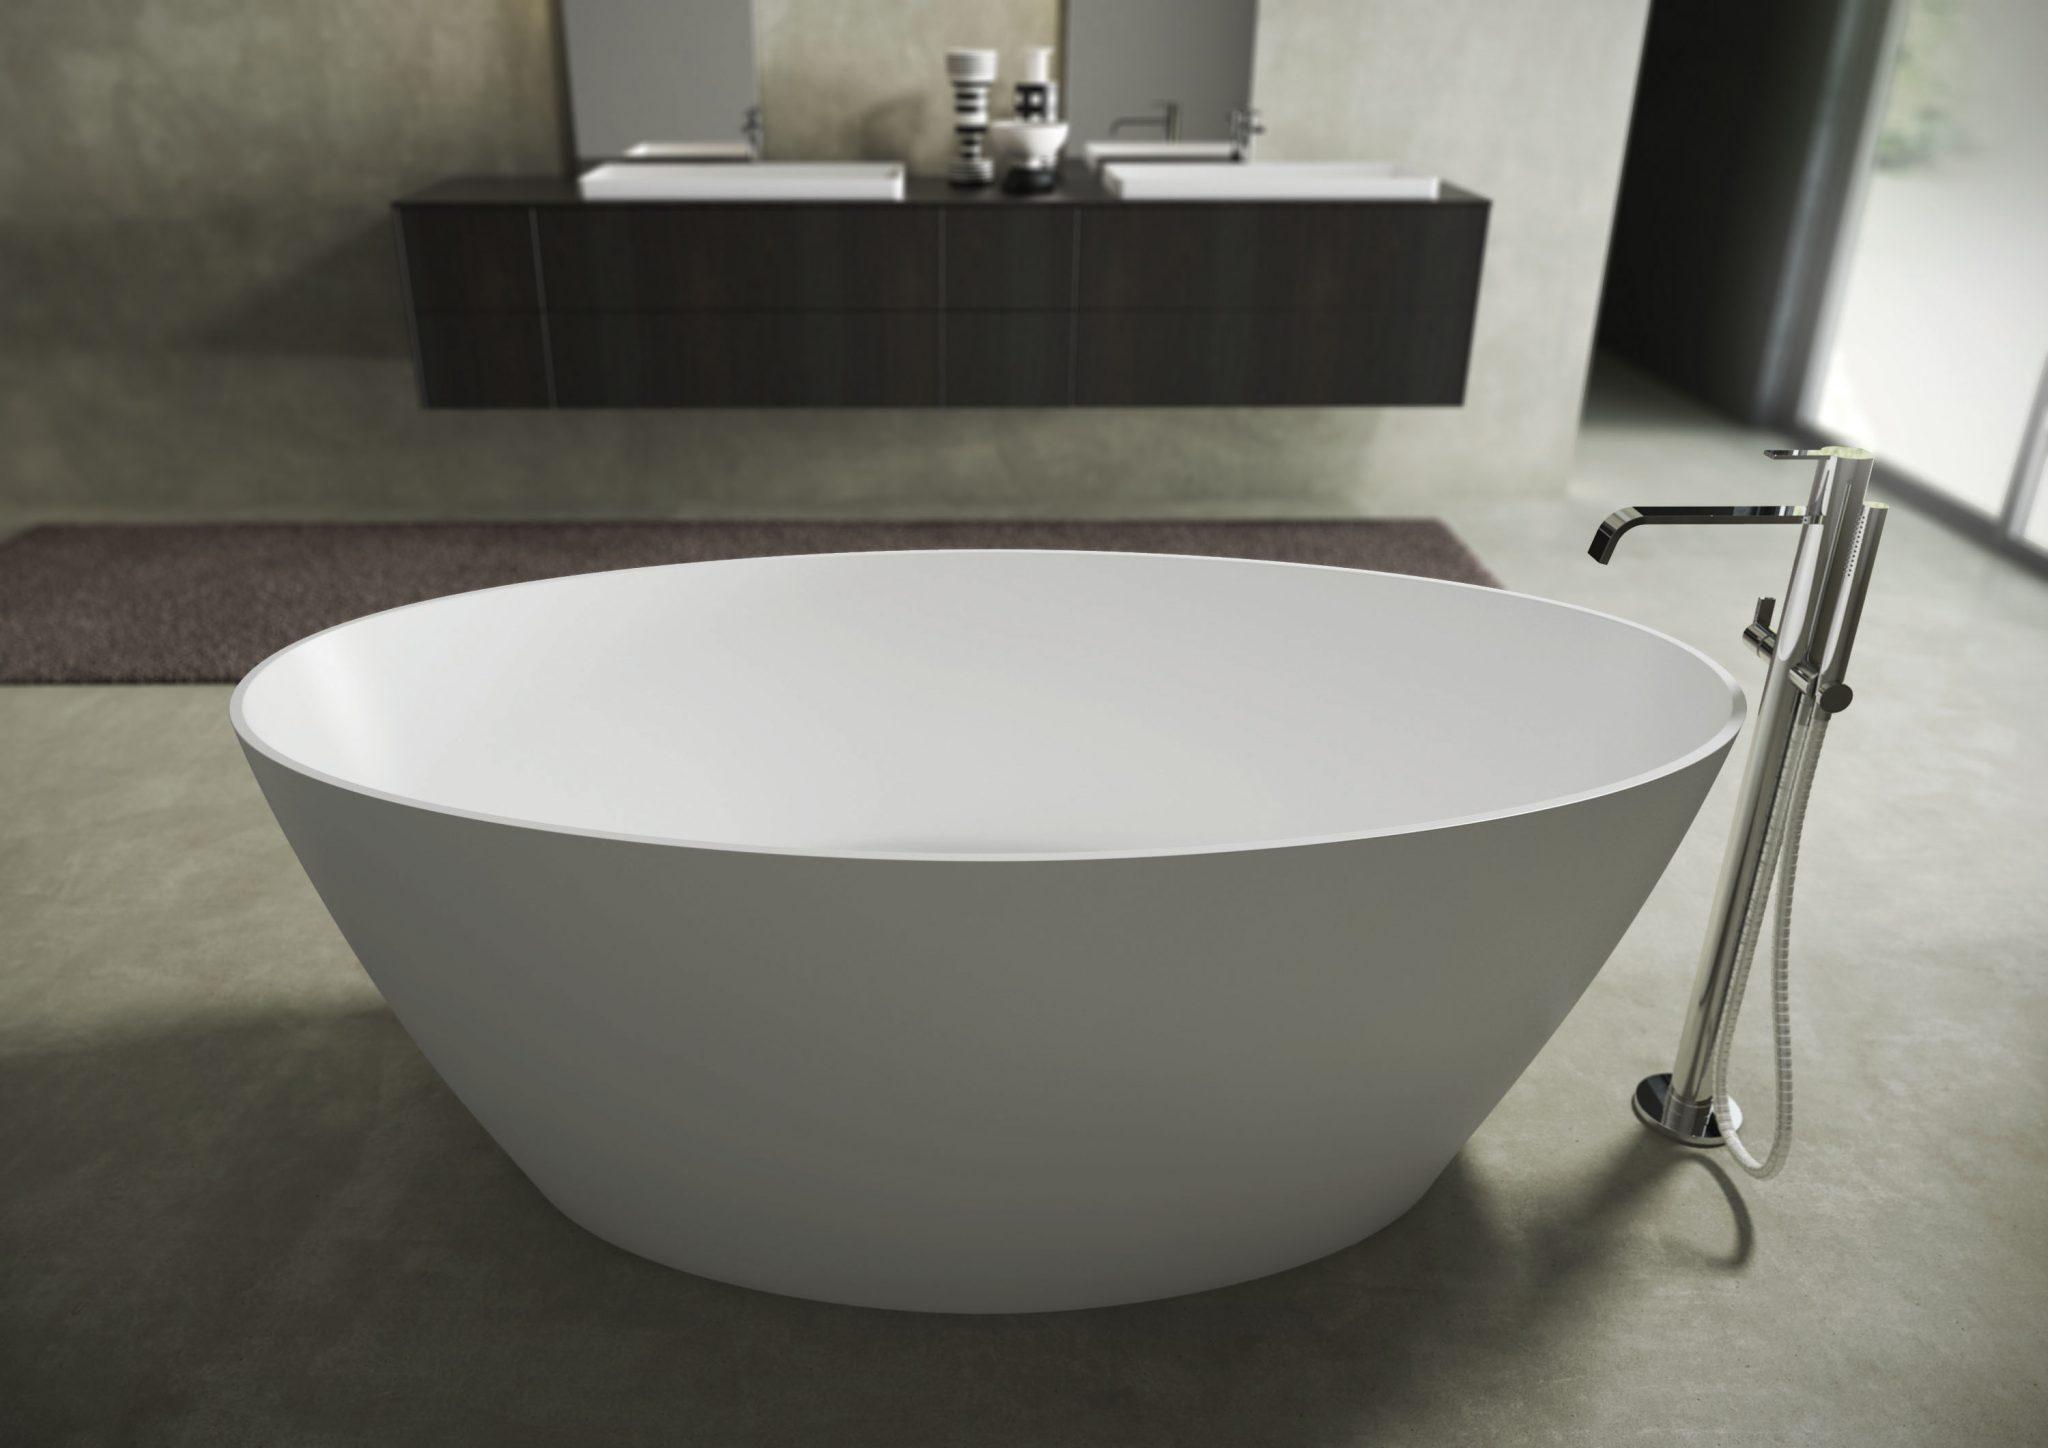 Dimensioni Vasca Da Bagno Libera Installazione : Box doccia in un bagno piccolo idee e soluzioni